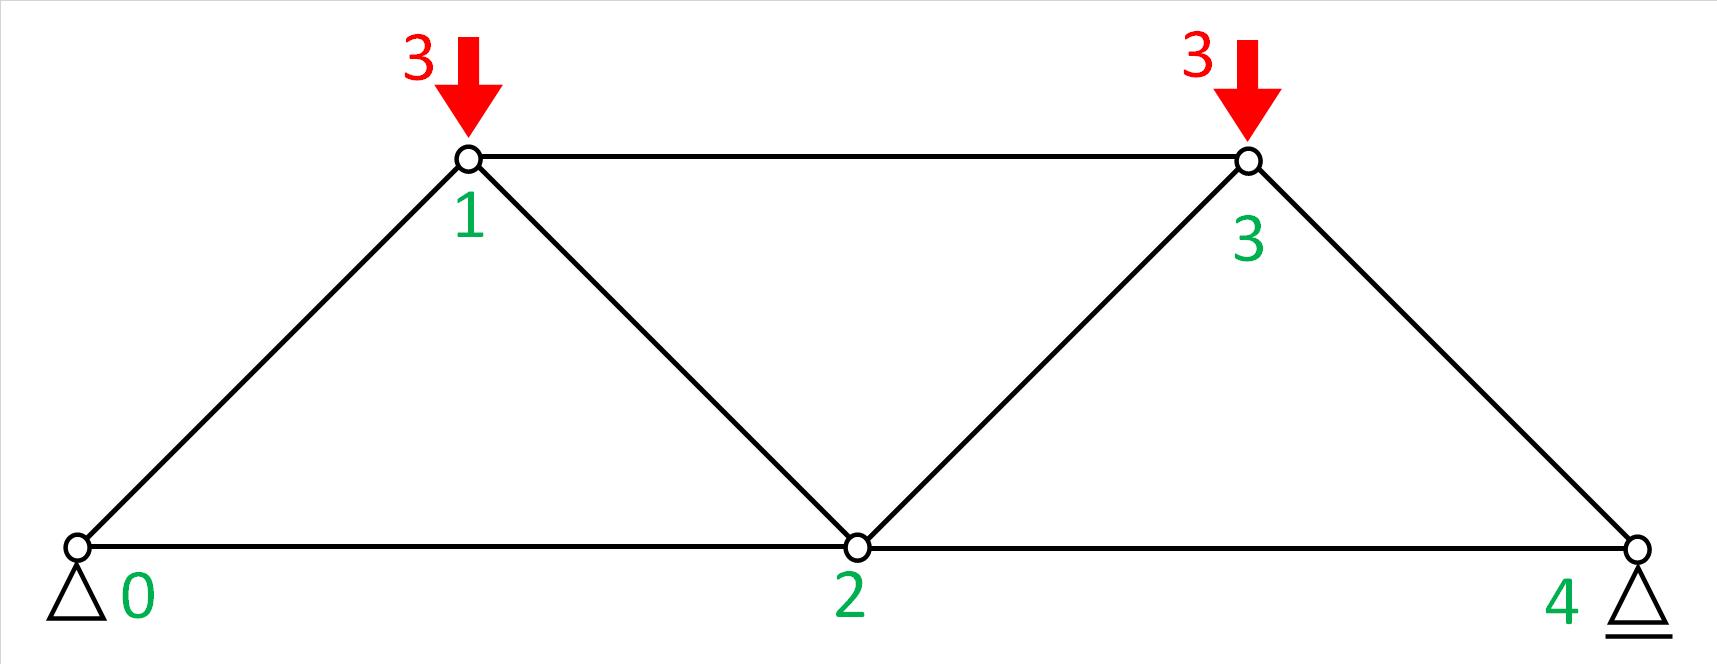 サンプル2の荷重条件